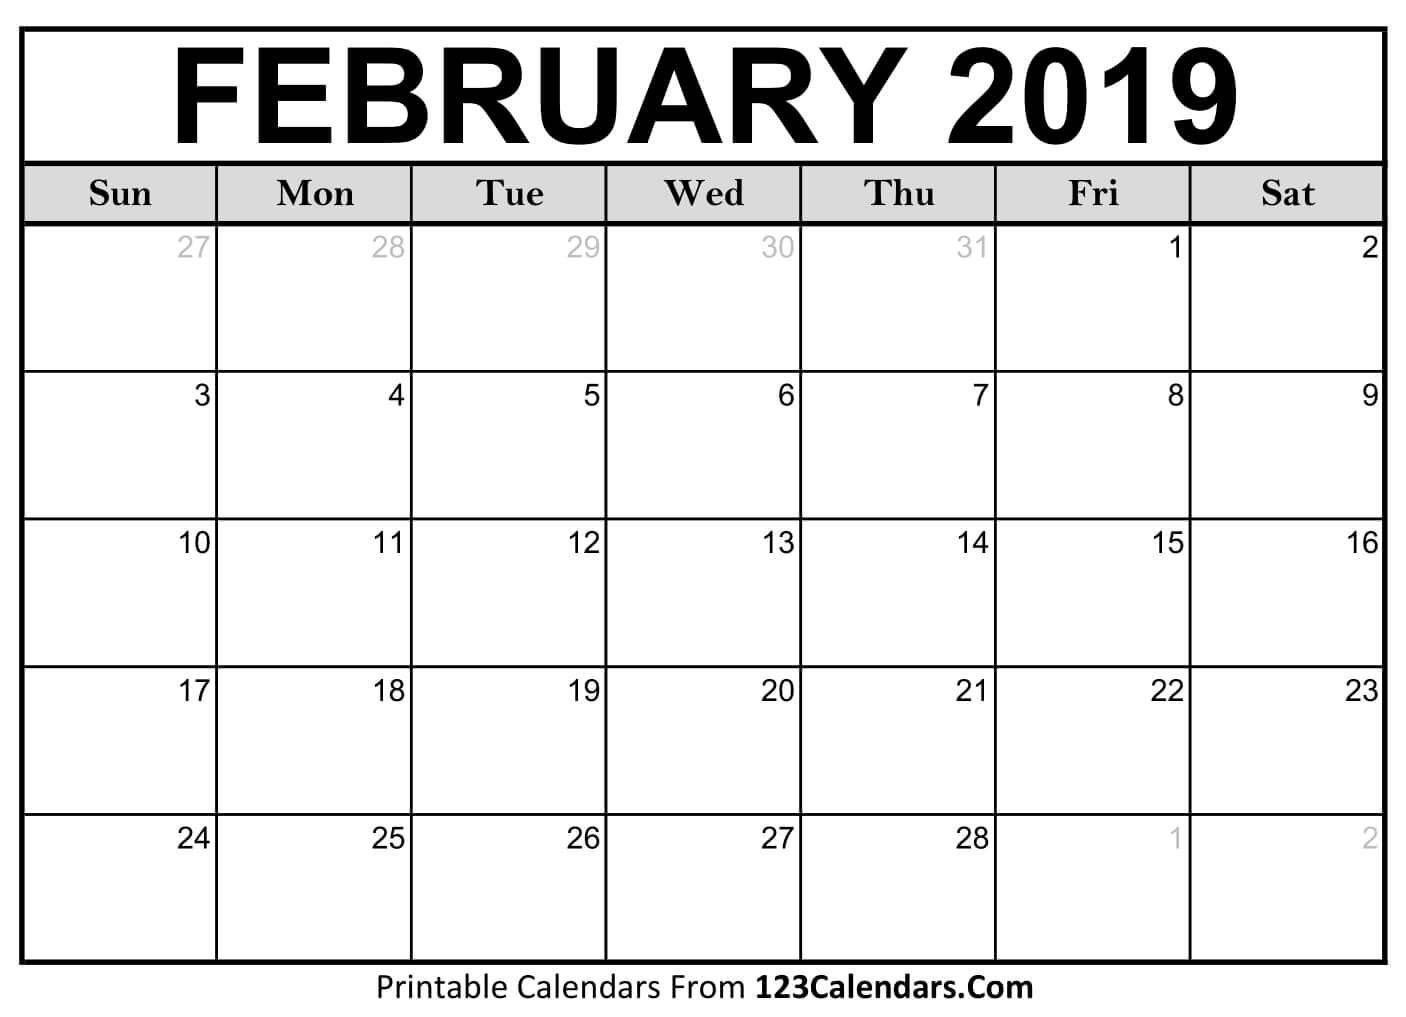 Printable February 2019 Calendar Templates - 123Calendars February 1 2019 Calendar